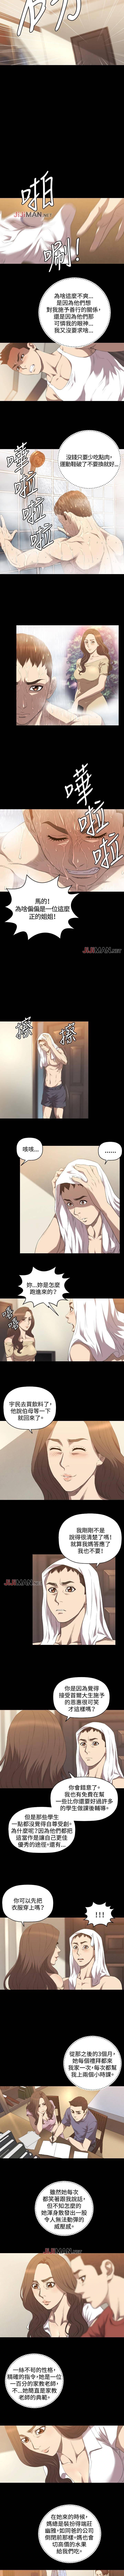 【已完结】索多玛俱乐部(作者:何藝媛&庫奈尼) 第1~32话 109